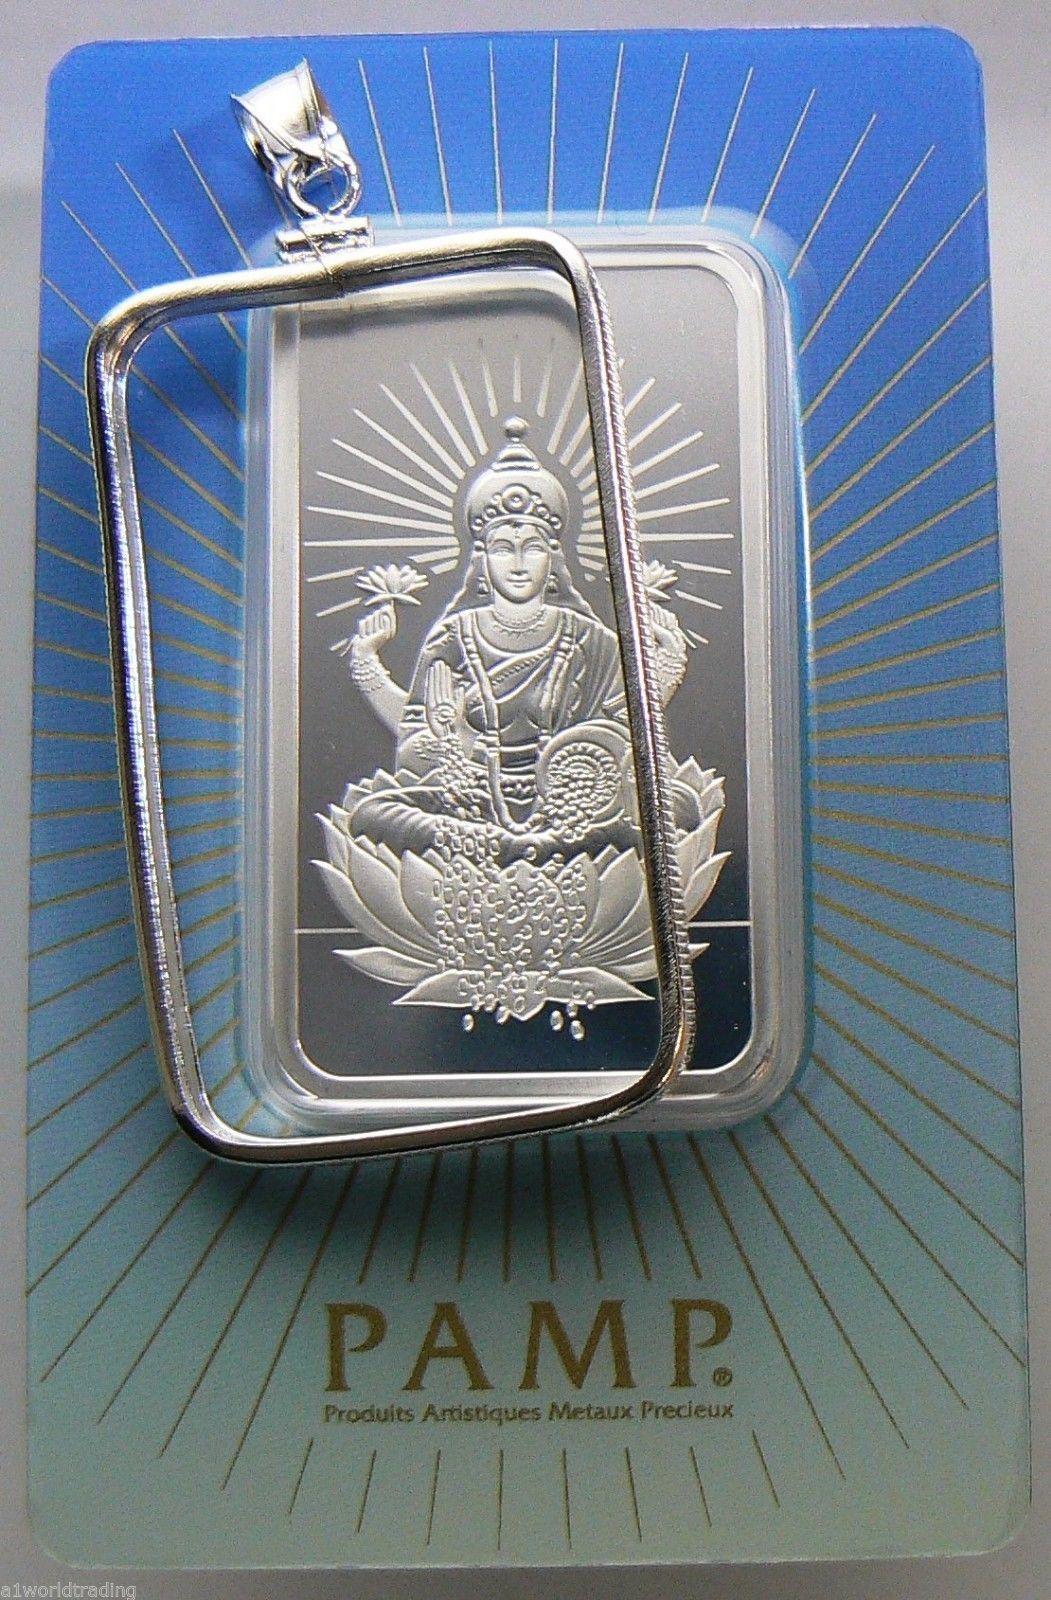 Bezel Bar Pamp Suisse 1 Oz Silver Religious Design 999 Scootsdale The One 1oz Lakshmi